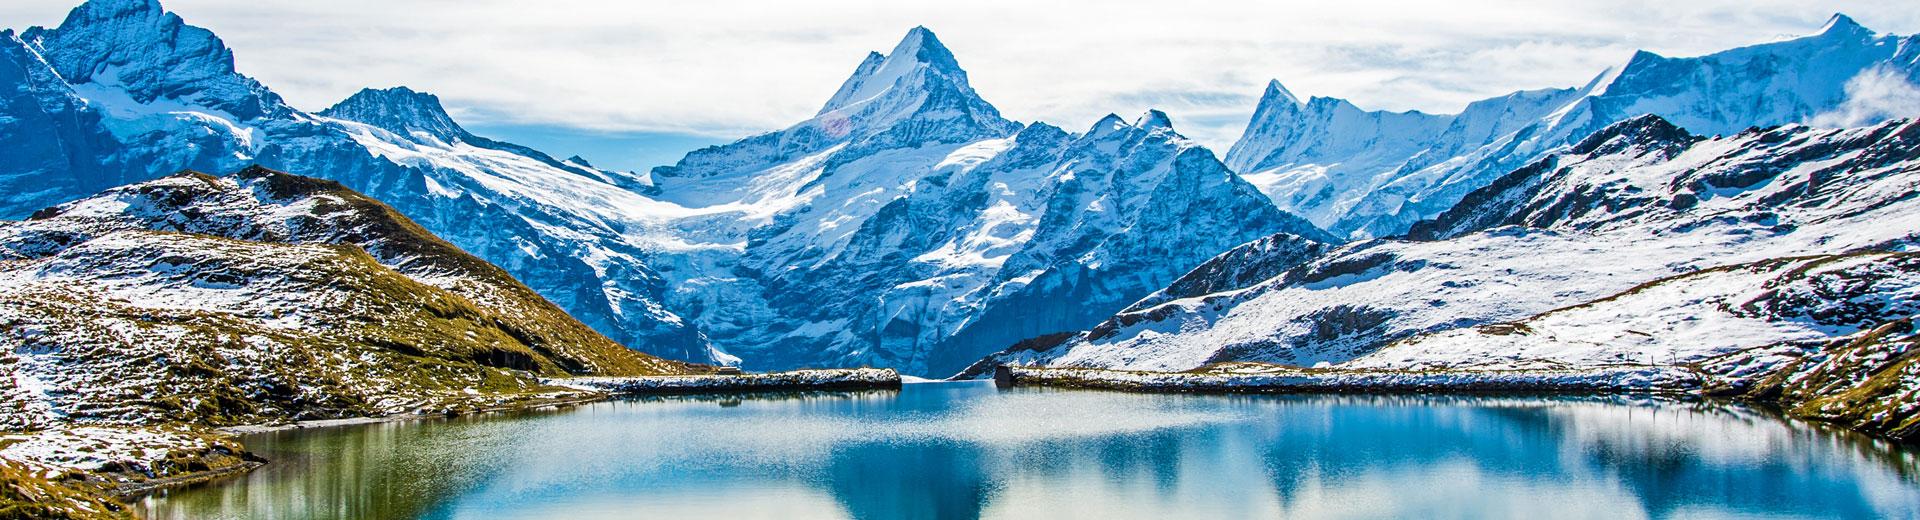 UNESCO-Welterbe in der Schweiz